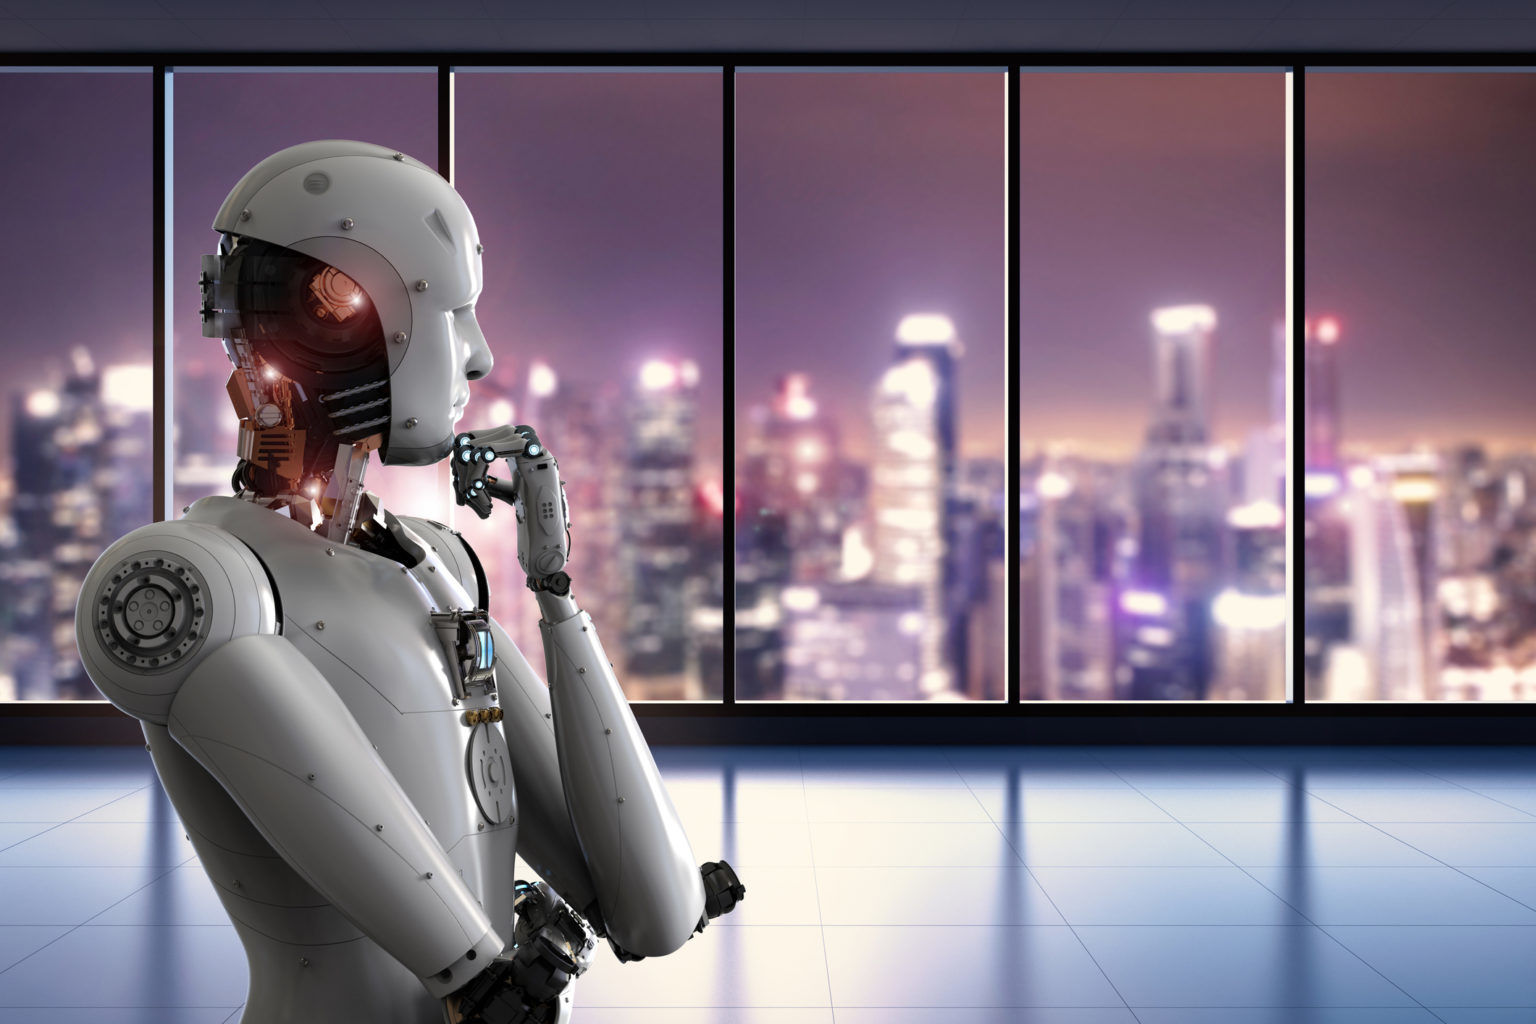 Три закона робототехники Азимова: будут ли роботы господствовать над человечеством в Солнечной системе